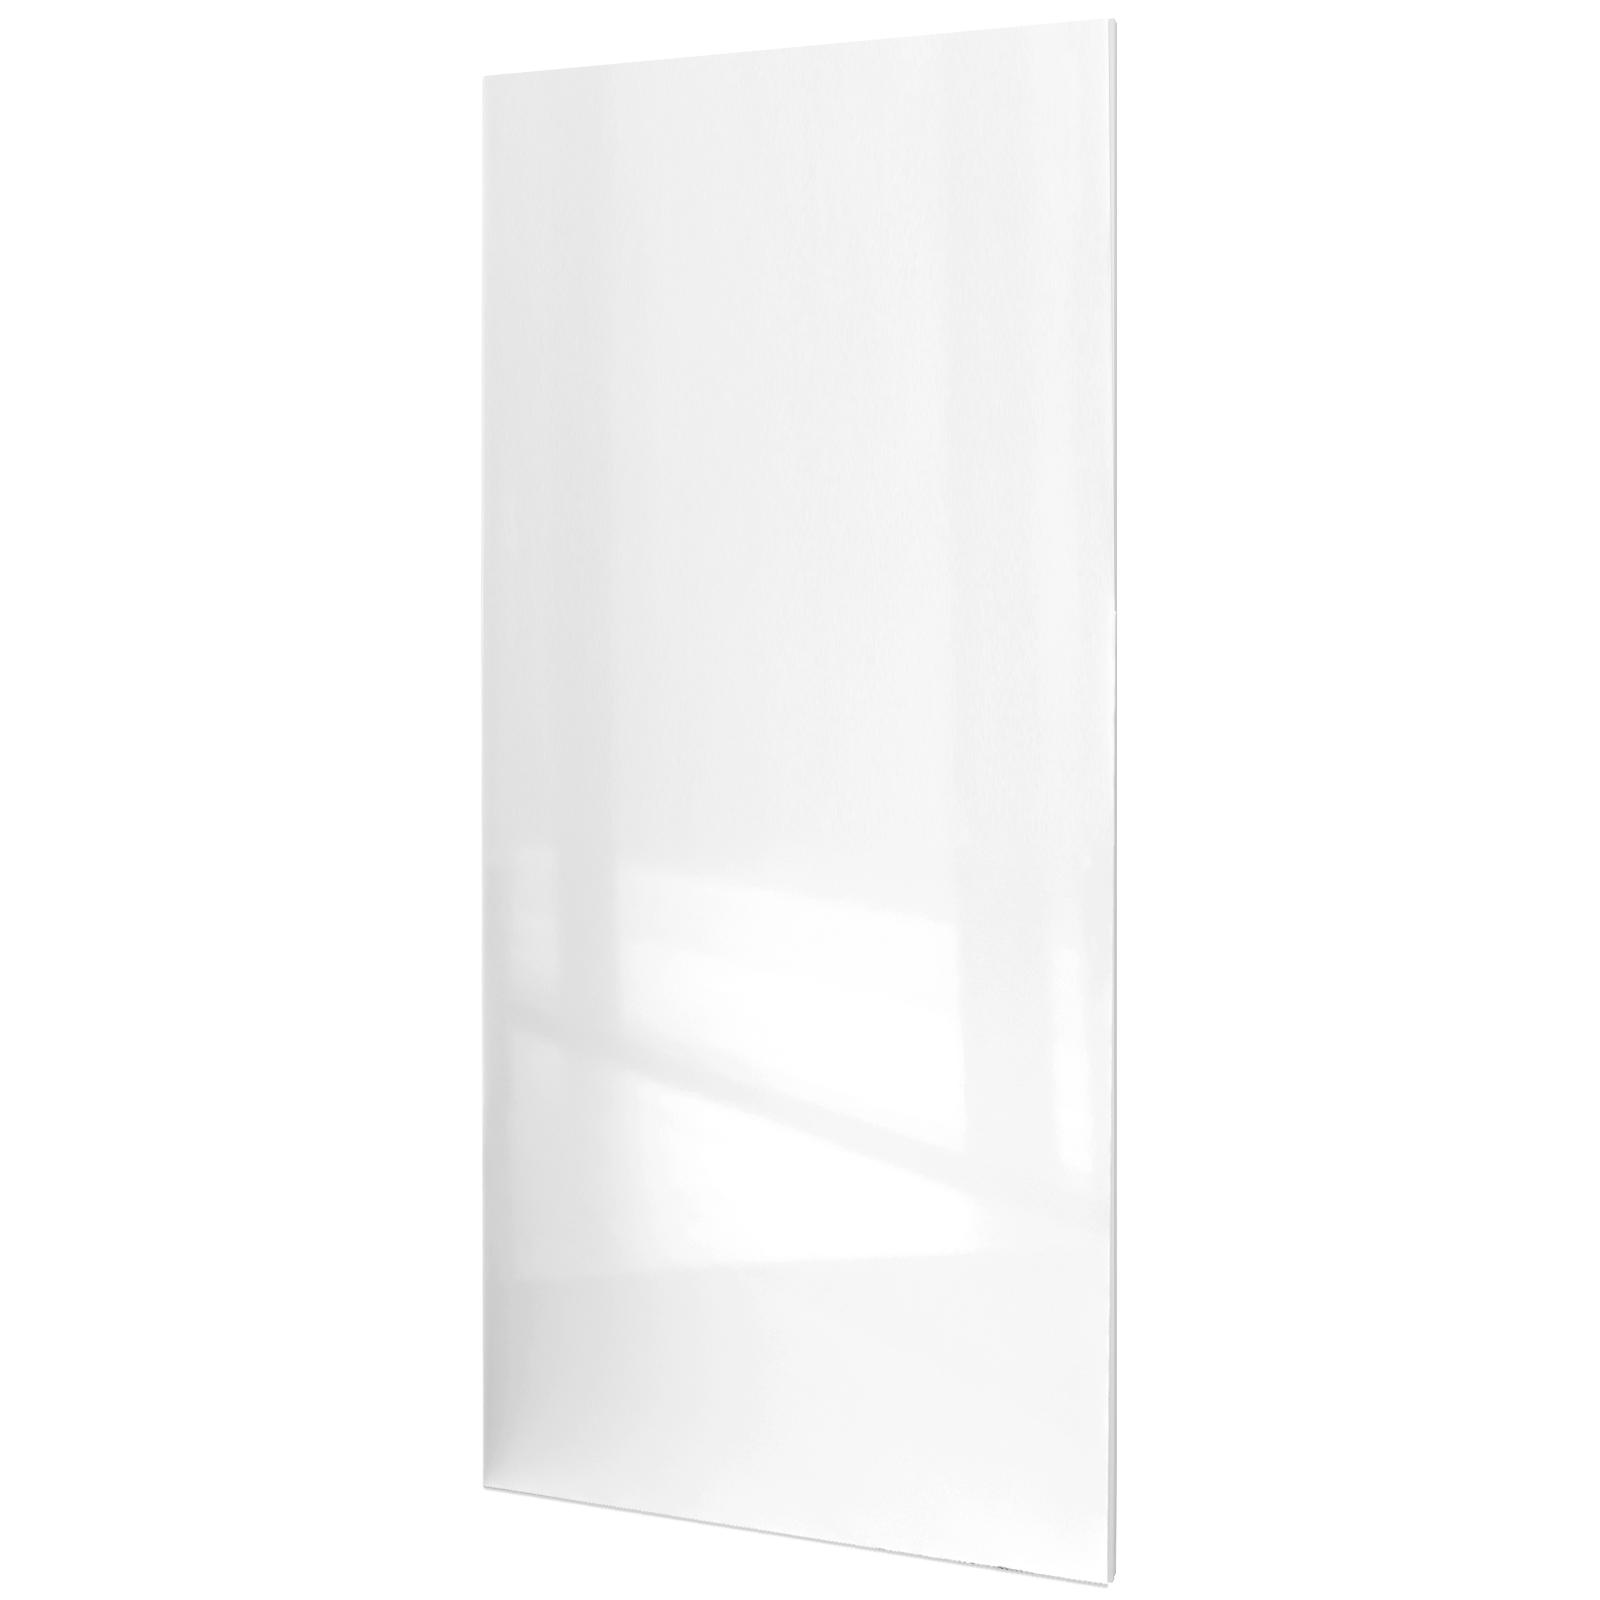 holzschiebet rblatt alpinwei hochglanz 755x2035mm schiebet ren profi. Black Bedroom Furniture Sets. Home Design Ideas